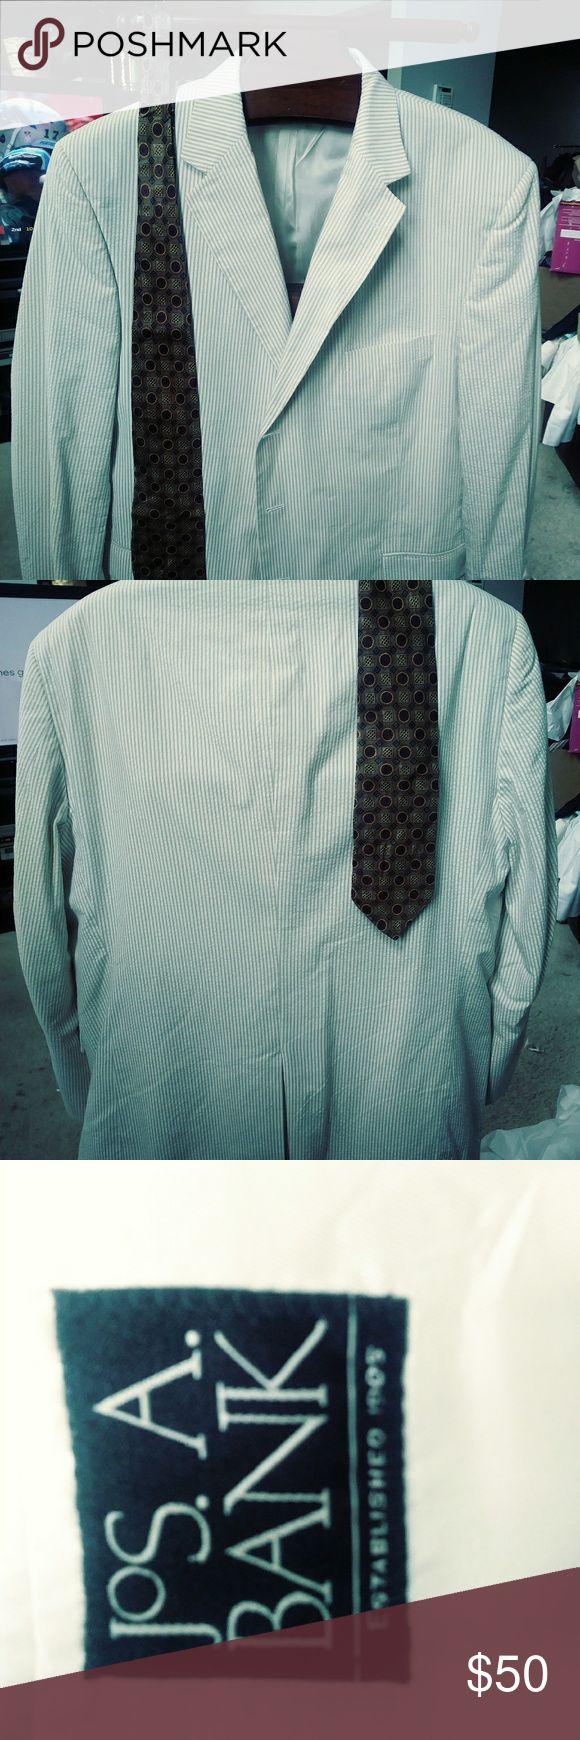 Joseph A banks seersucker Blazer $50 size 48 Joseph A banks seersucker Blazer $50 size 48 plus free gift any shirt or designer necktie on this closet priced $15 or less Joseph A banks Suits & Blazers Sport Coats & Blazers